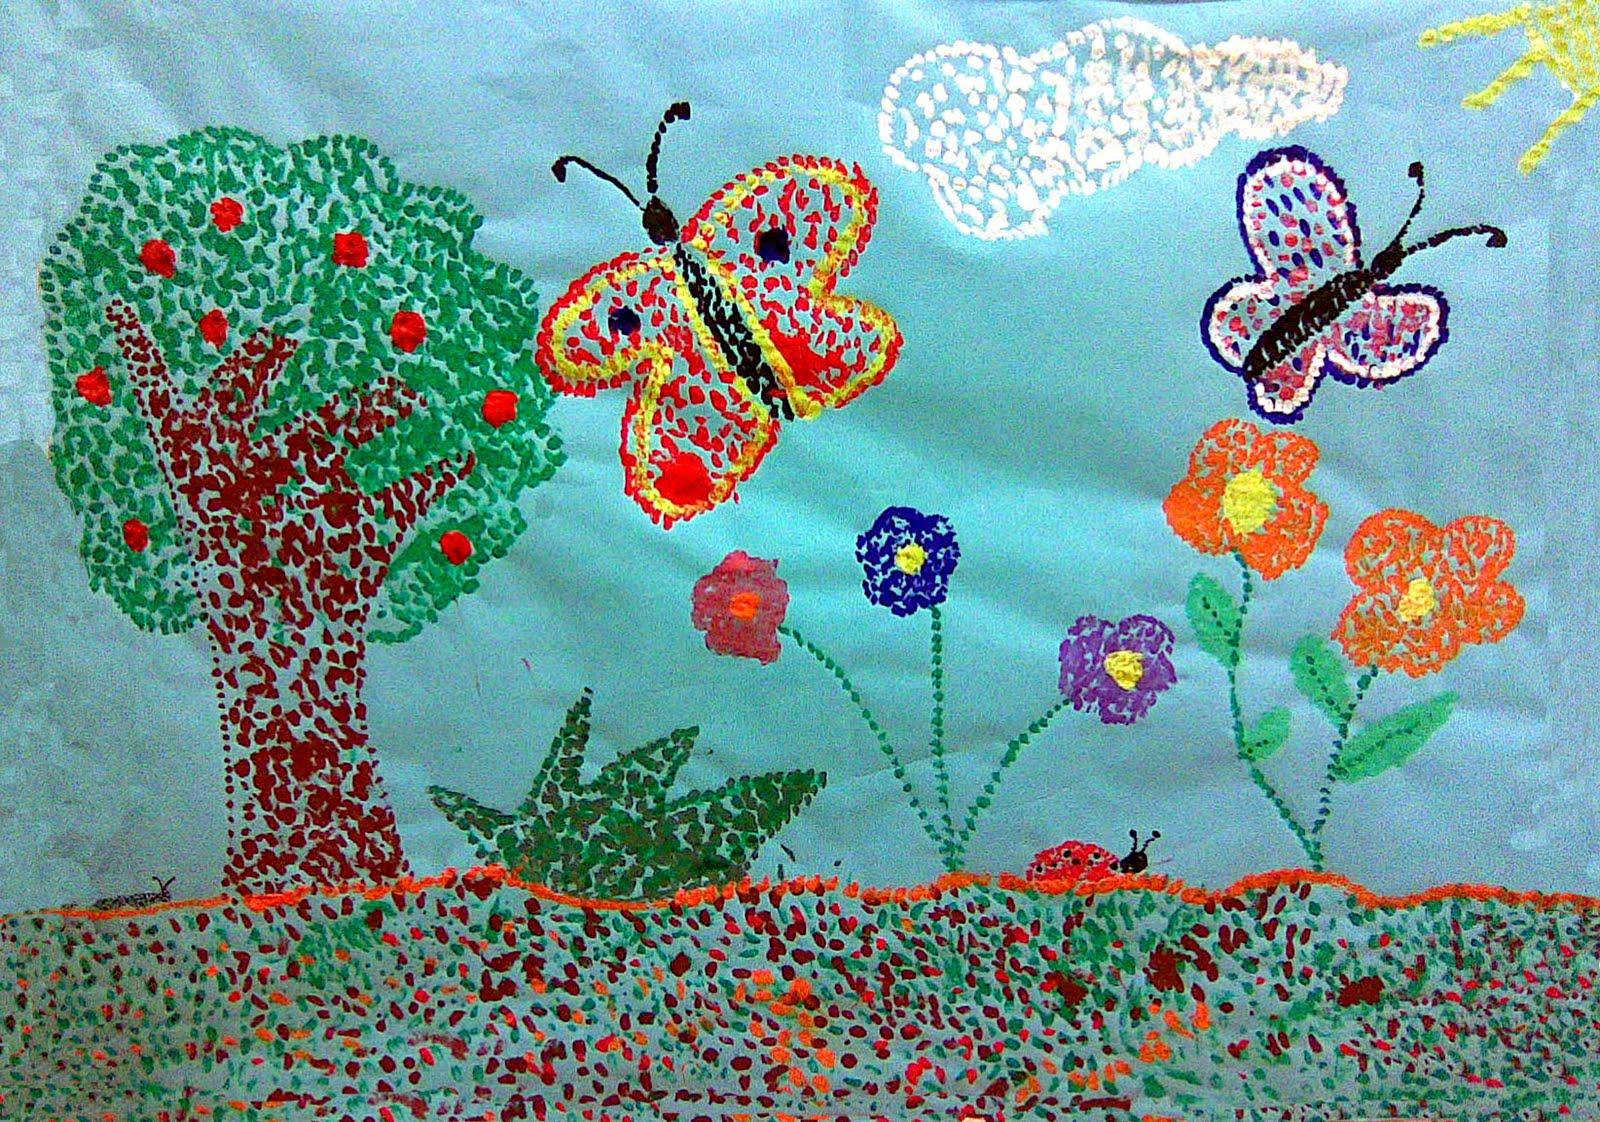 Murales primavera 6 imagenes educativas - Dibujos para paredes infantiles ...